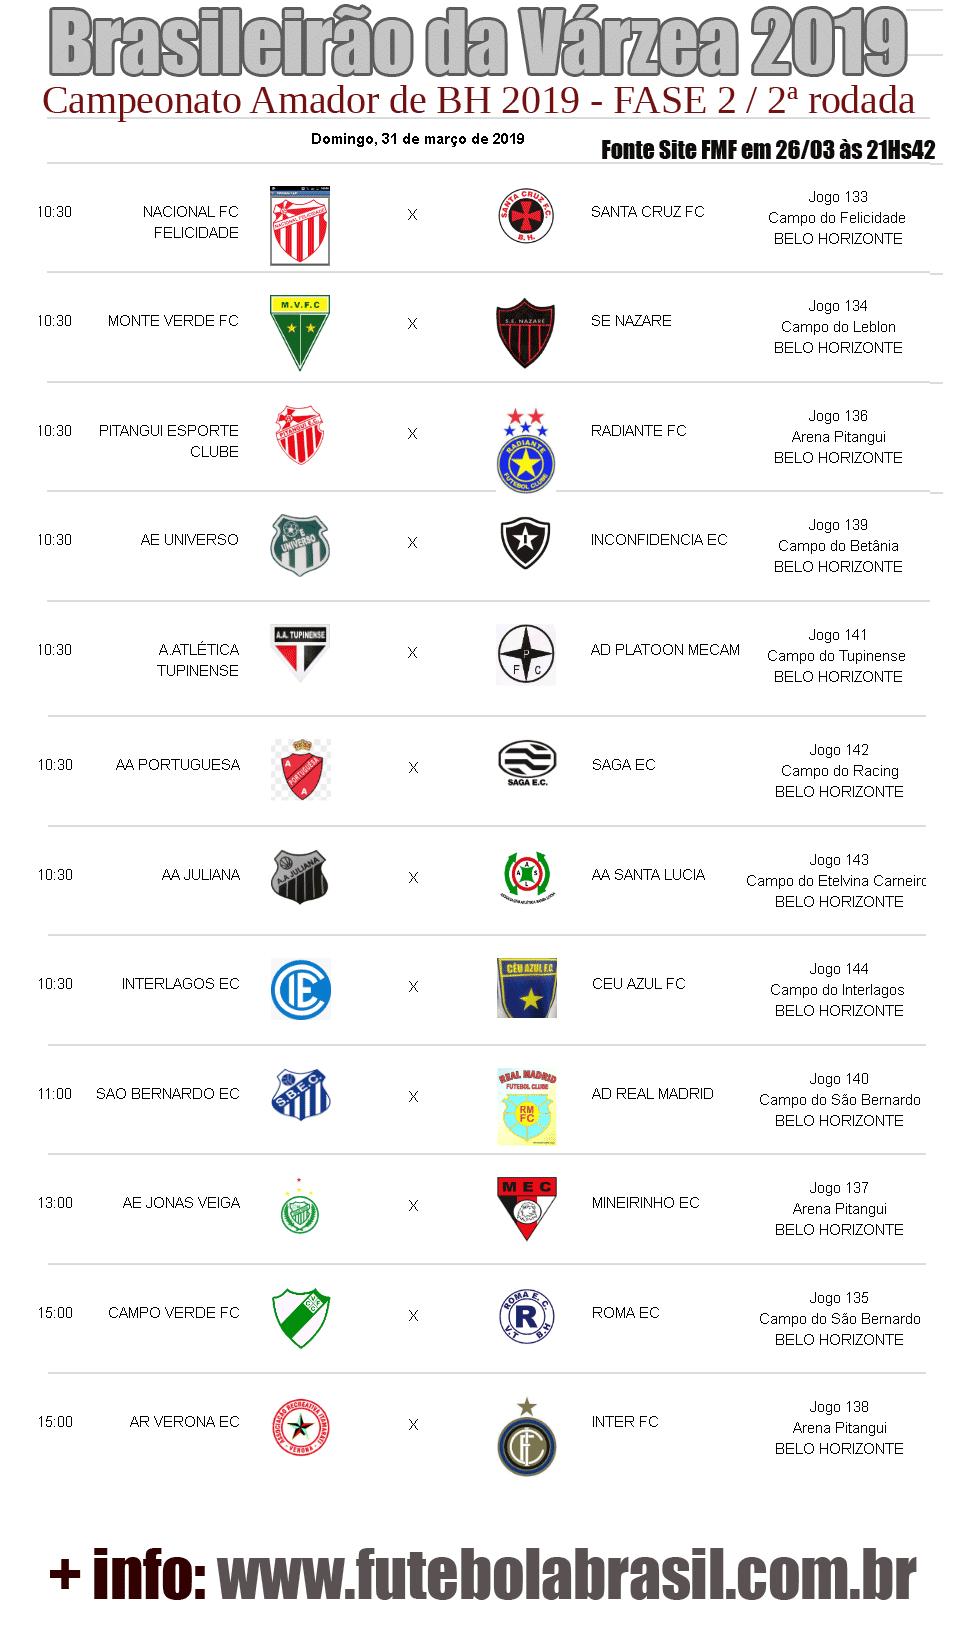 Fbb Raca Superacao Essencia E Amor A Camisa Campeonato Amador Bh Modulo 1 Brasileirao Da Varzea 2019 Verona Campeao